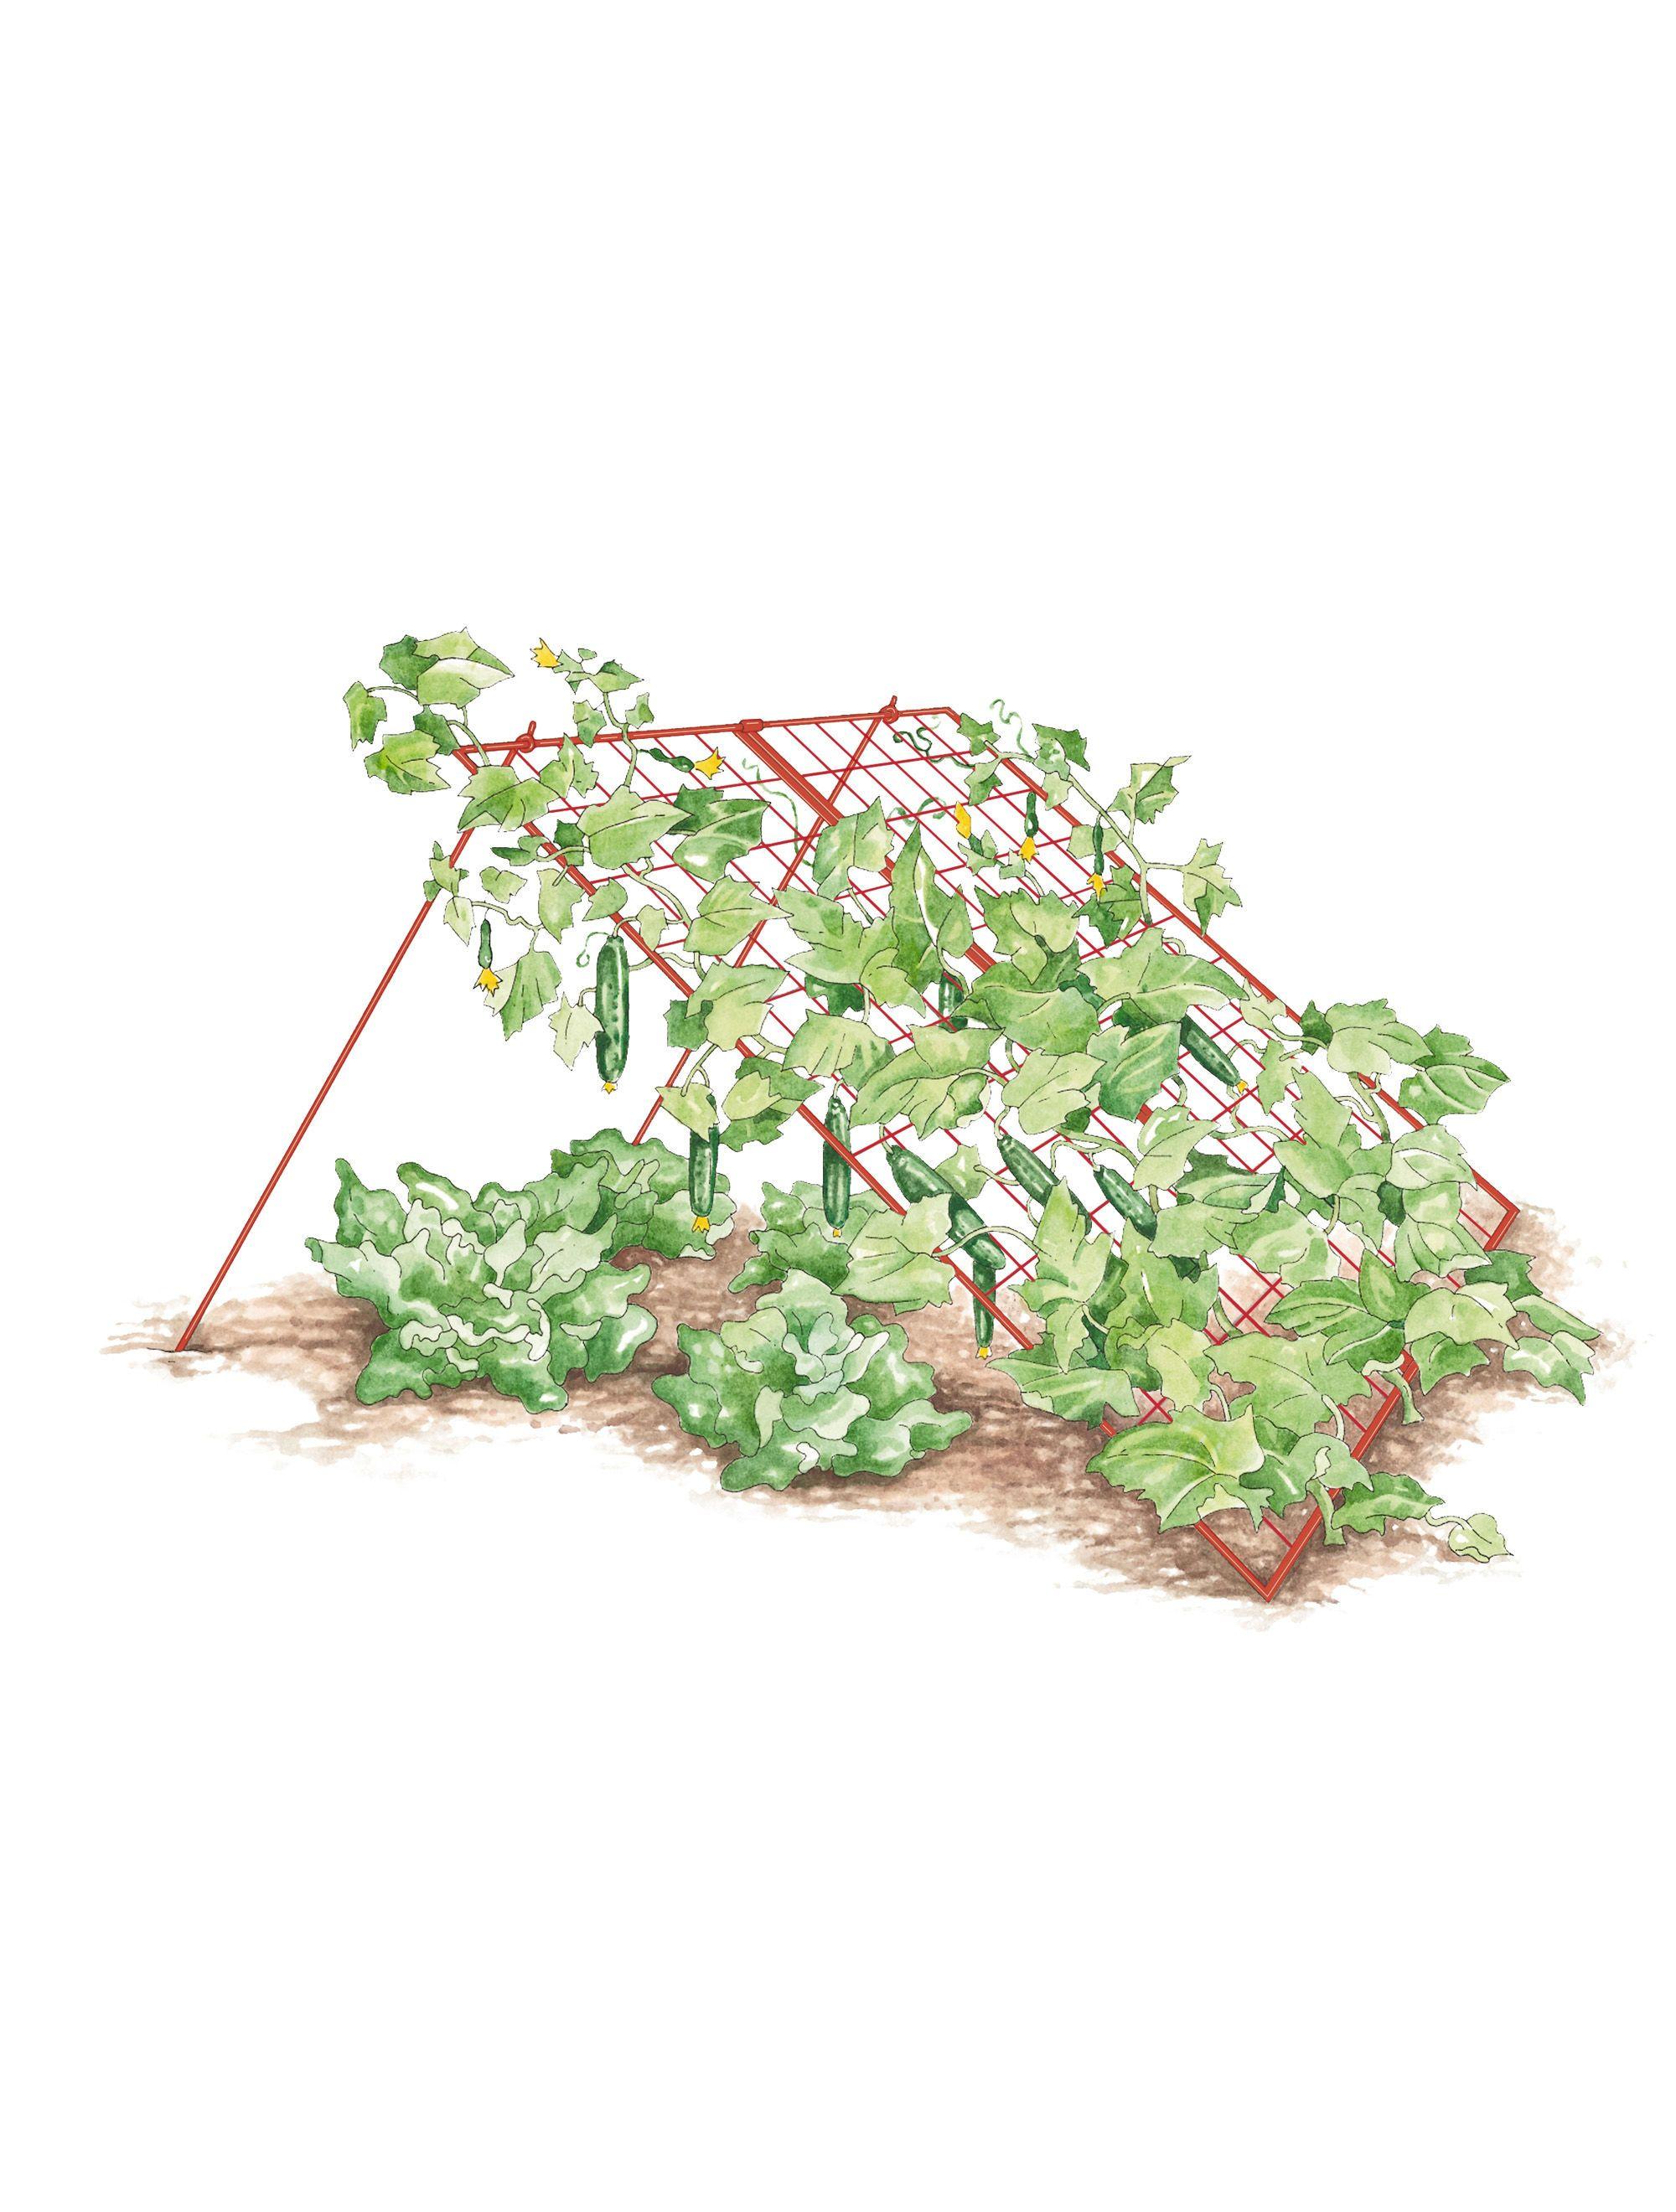 Squash Trellis - Vegetable Trellis: Wire A-Frame | Gardener's Supply. Aprovechando el cobijo de las calabazas.